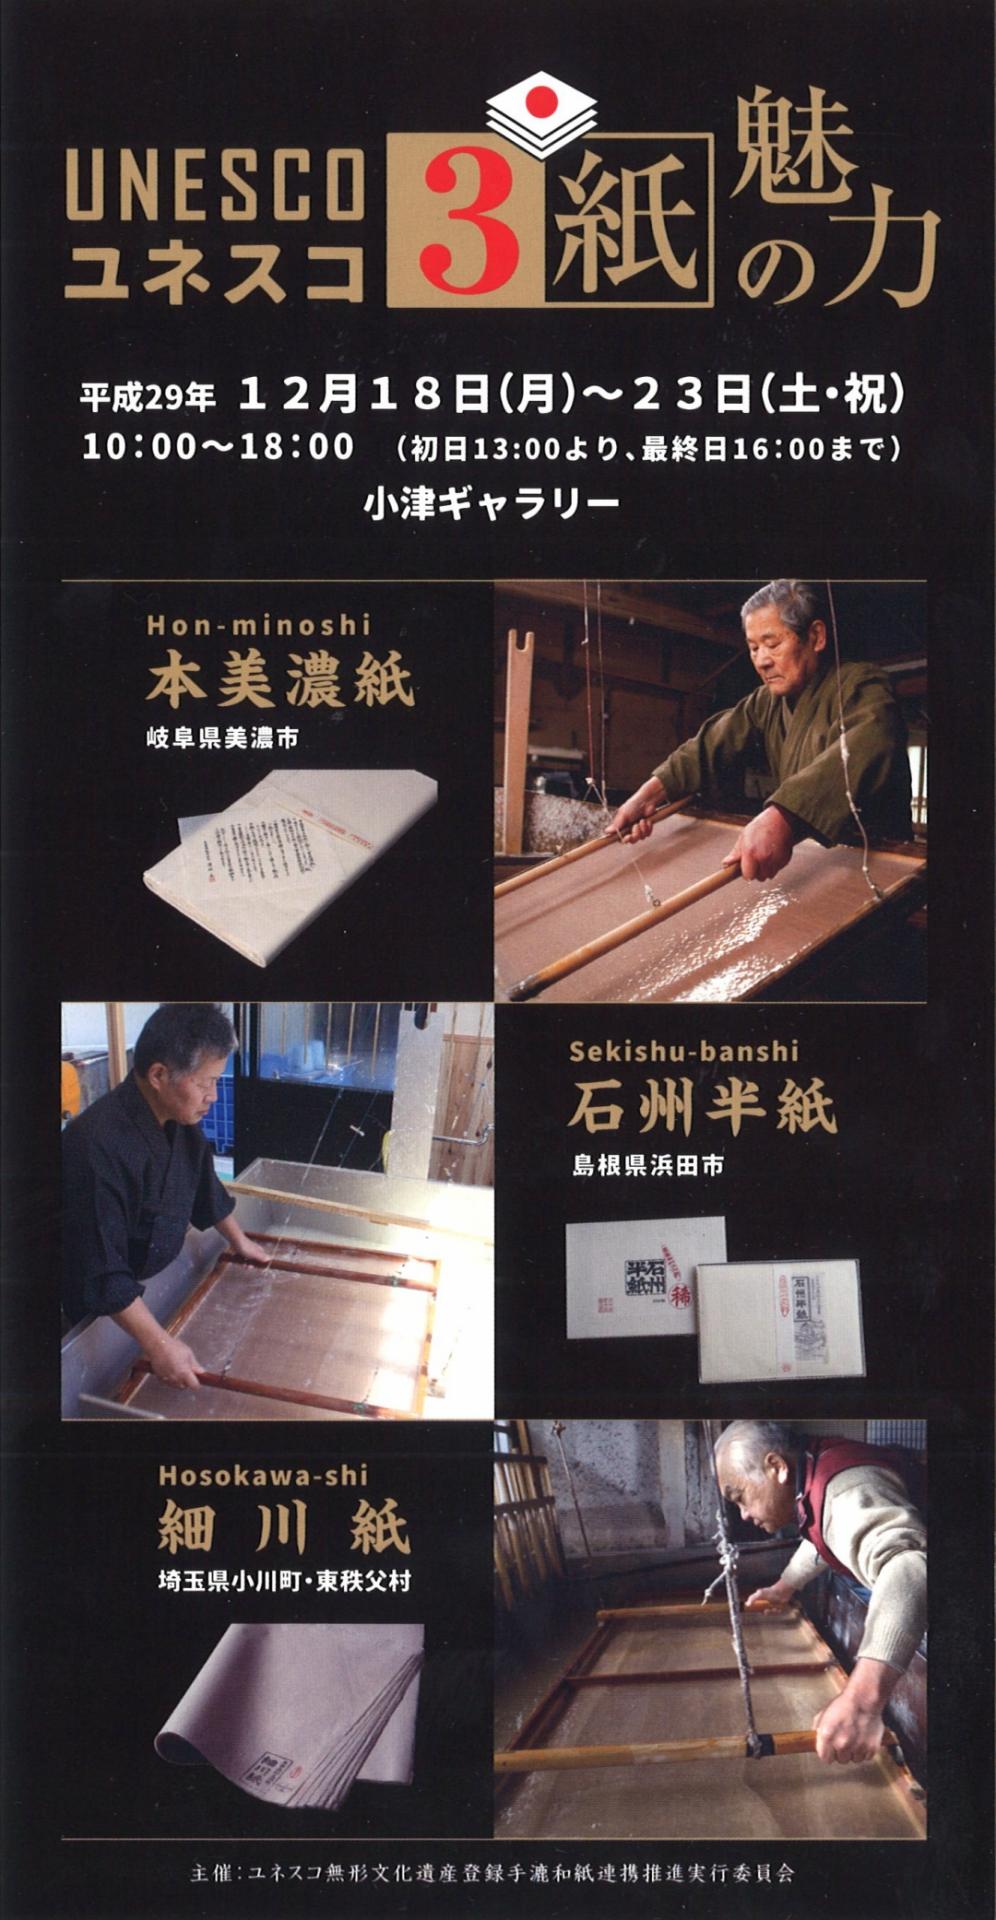 ユネスコ3紙の魅力@小津和紙ギャラリー